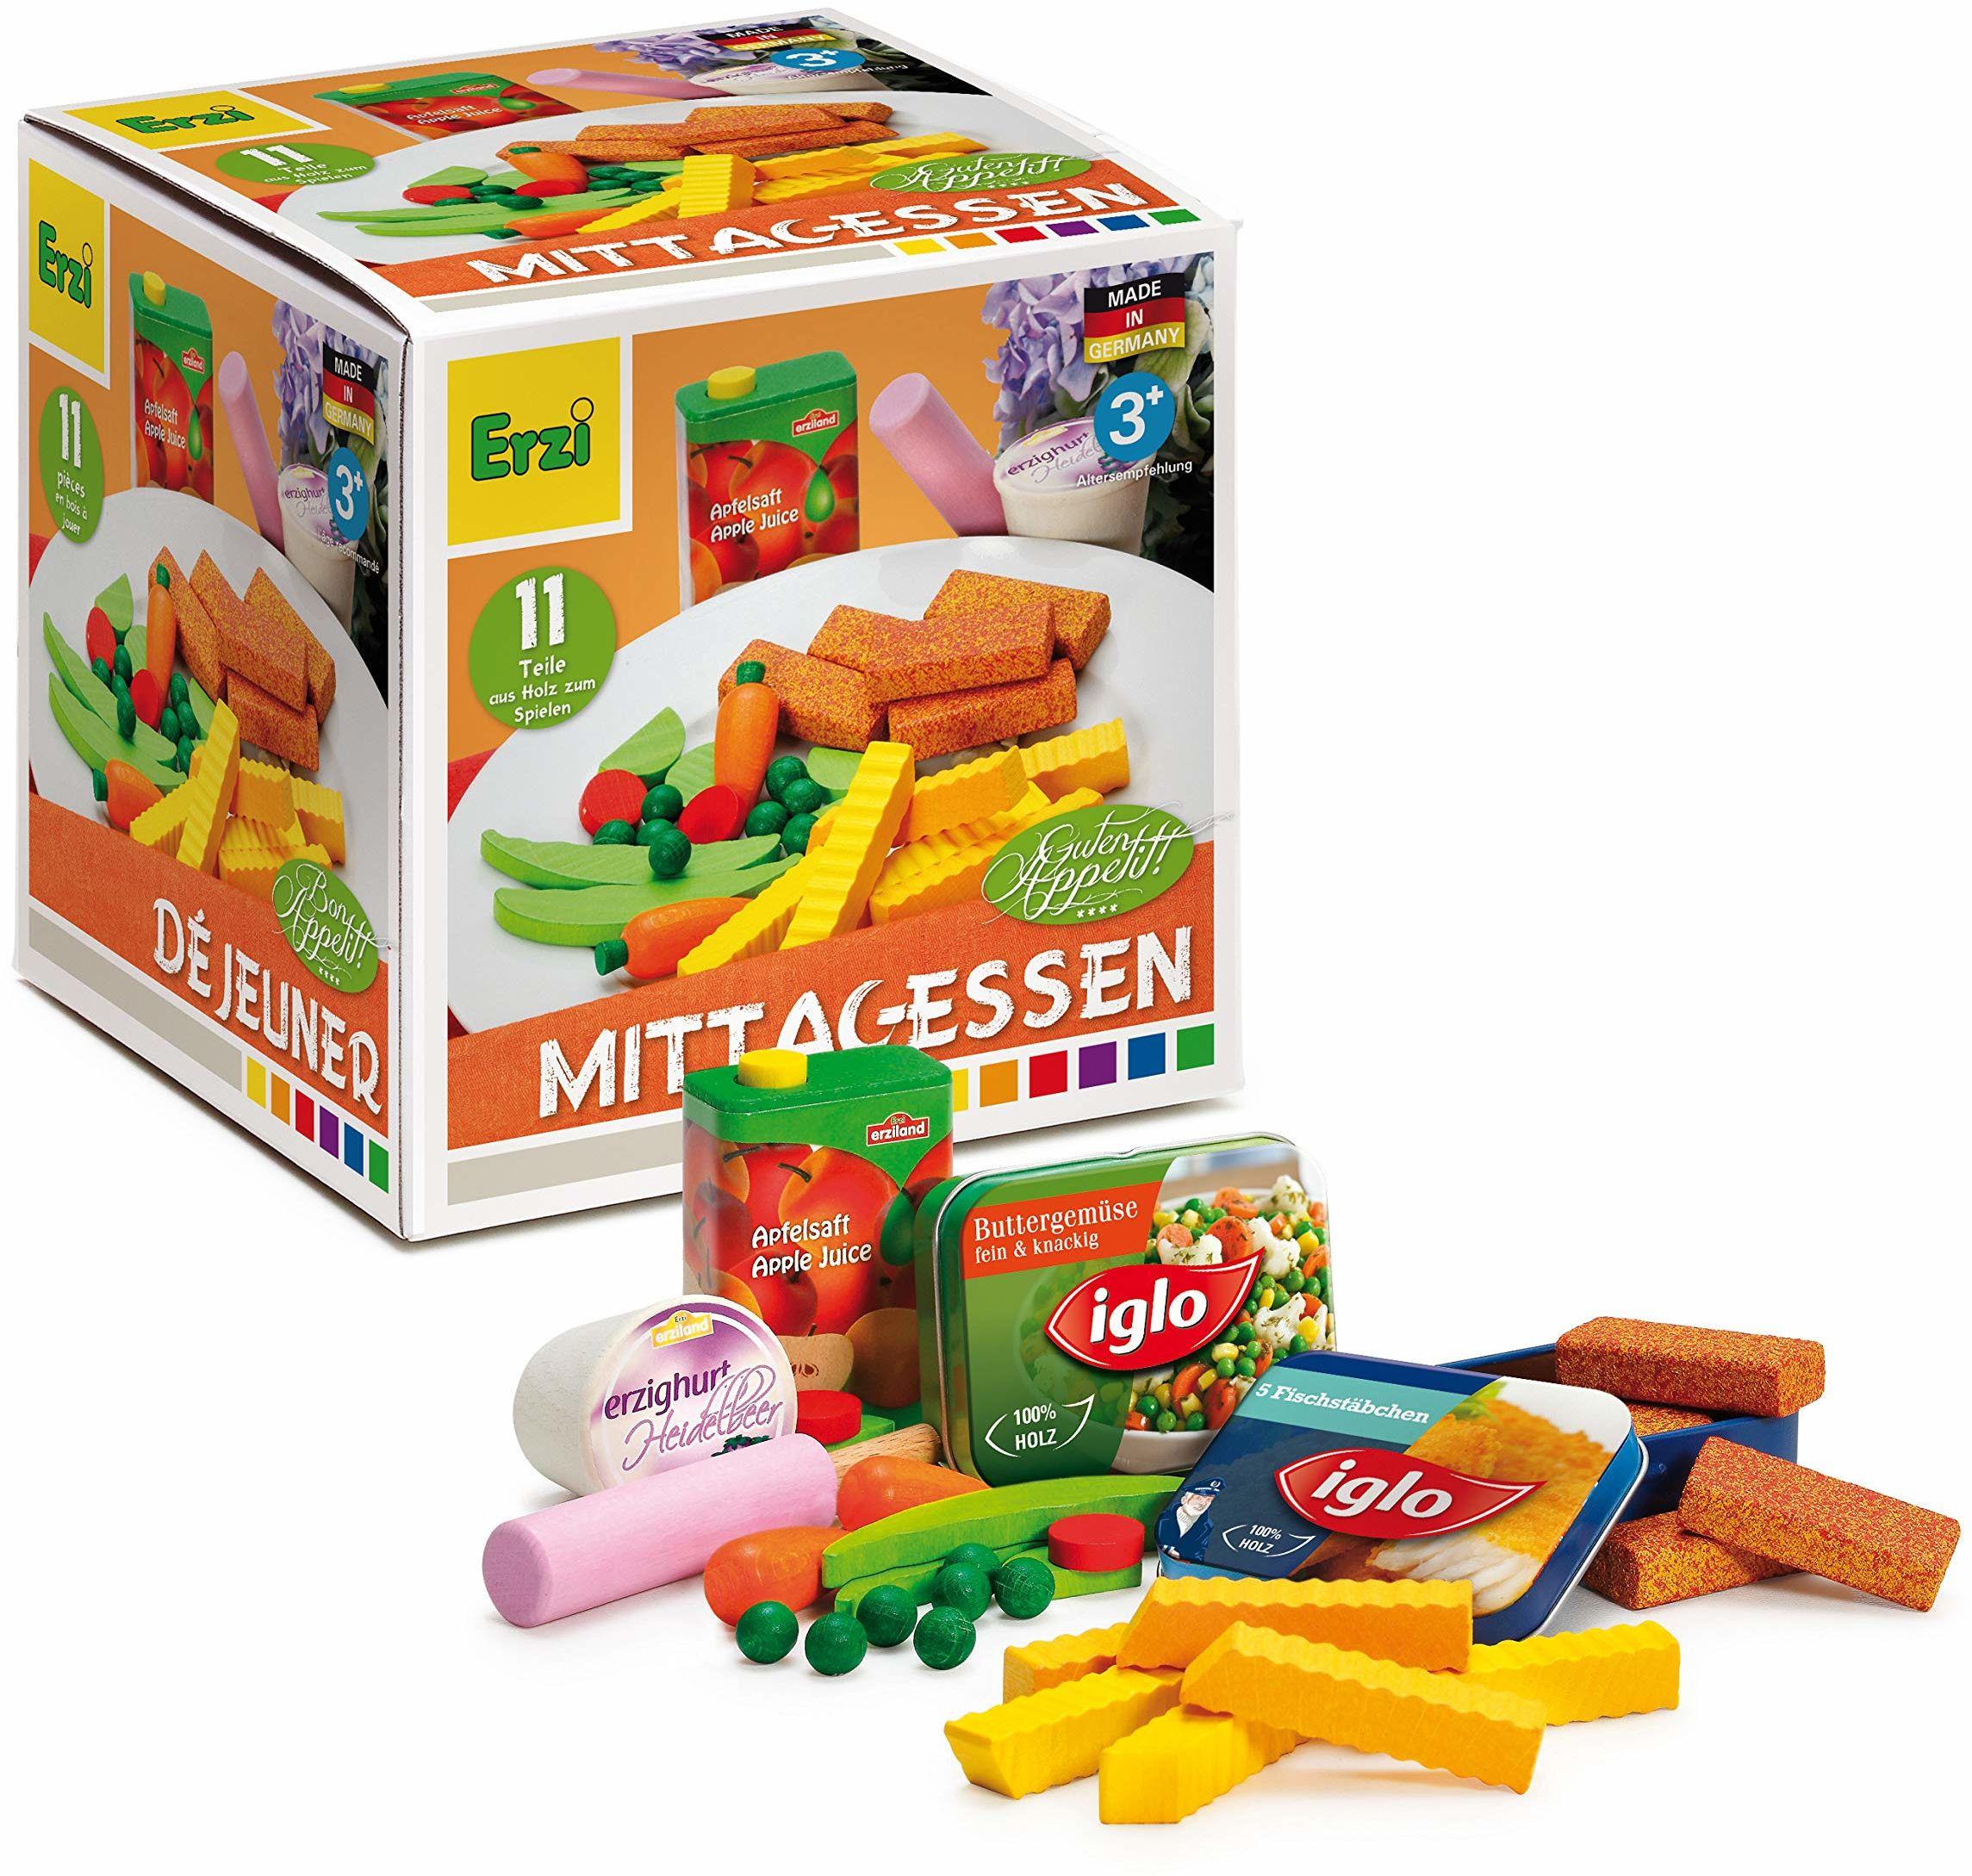 Erzi Zestaw zabawek, 12,3 x 12,2 x 12,5 cm, drewno, asortyment supermarketów, artykuły spożywcze, zestaw do zabawy